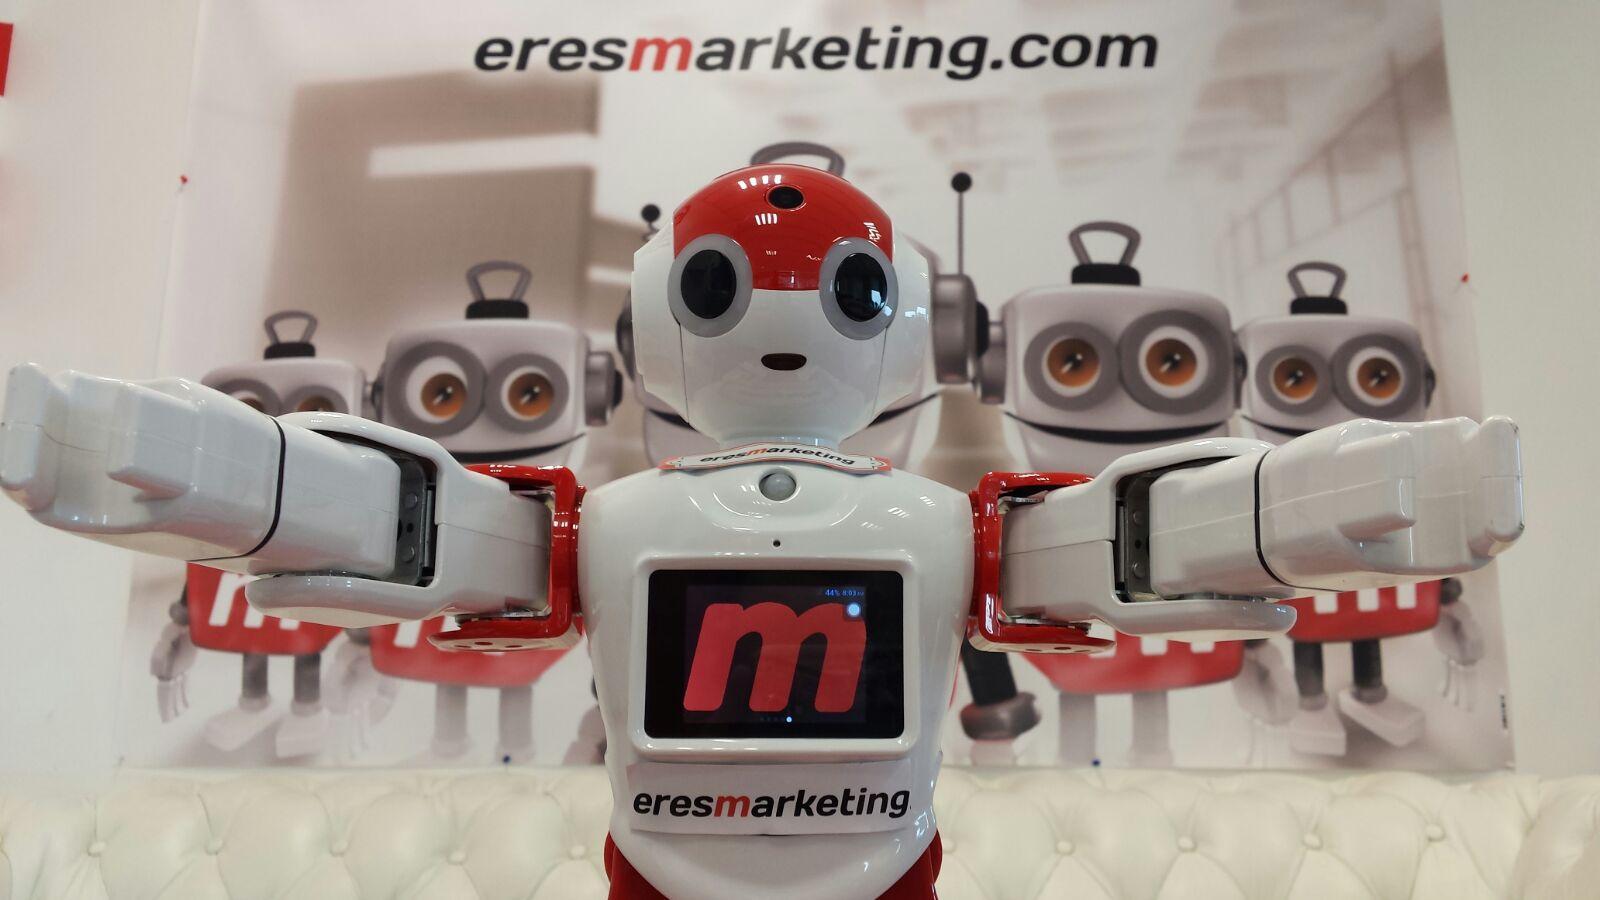 eventbrite_5776_marketing-automatizado-low-cost-bienvenida-robot_image.png